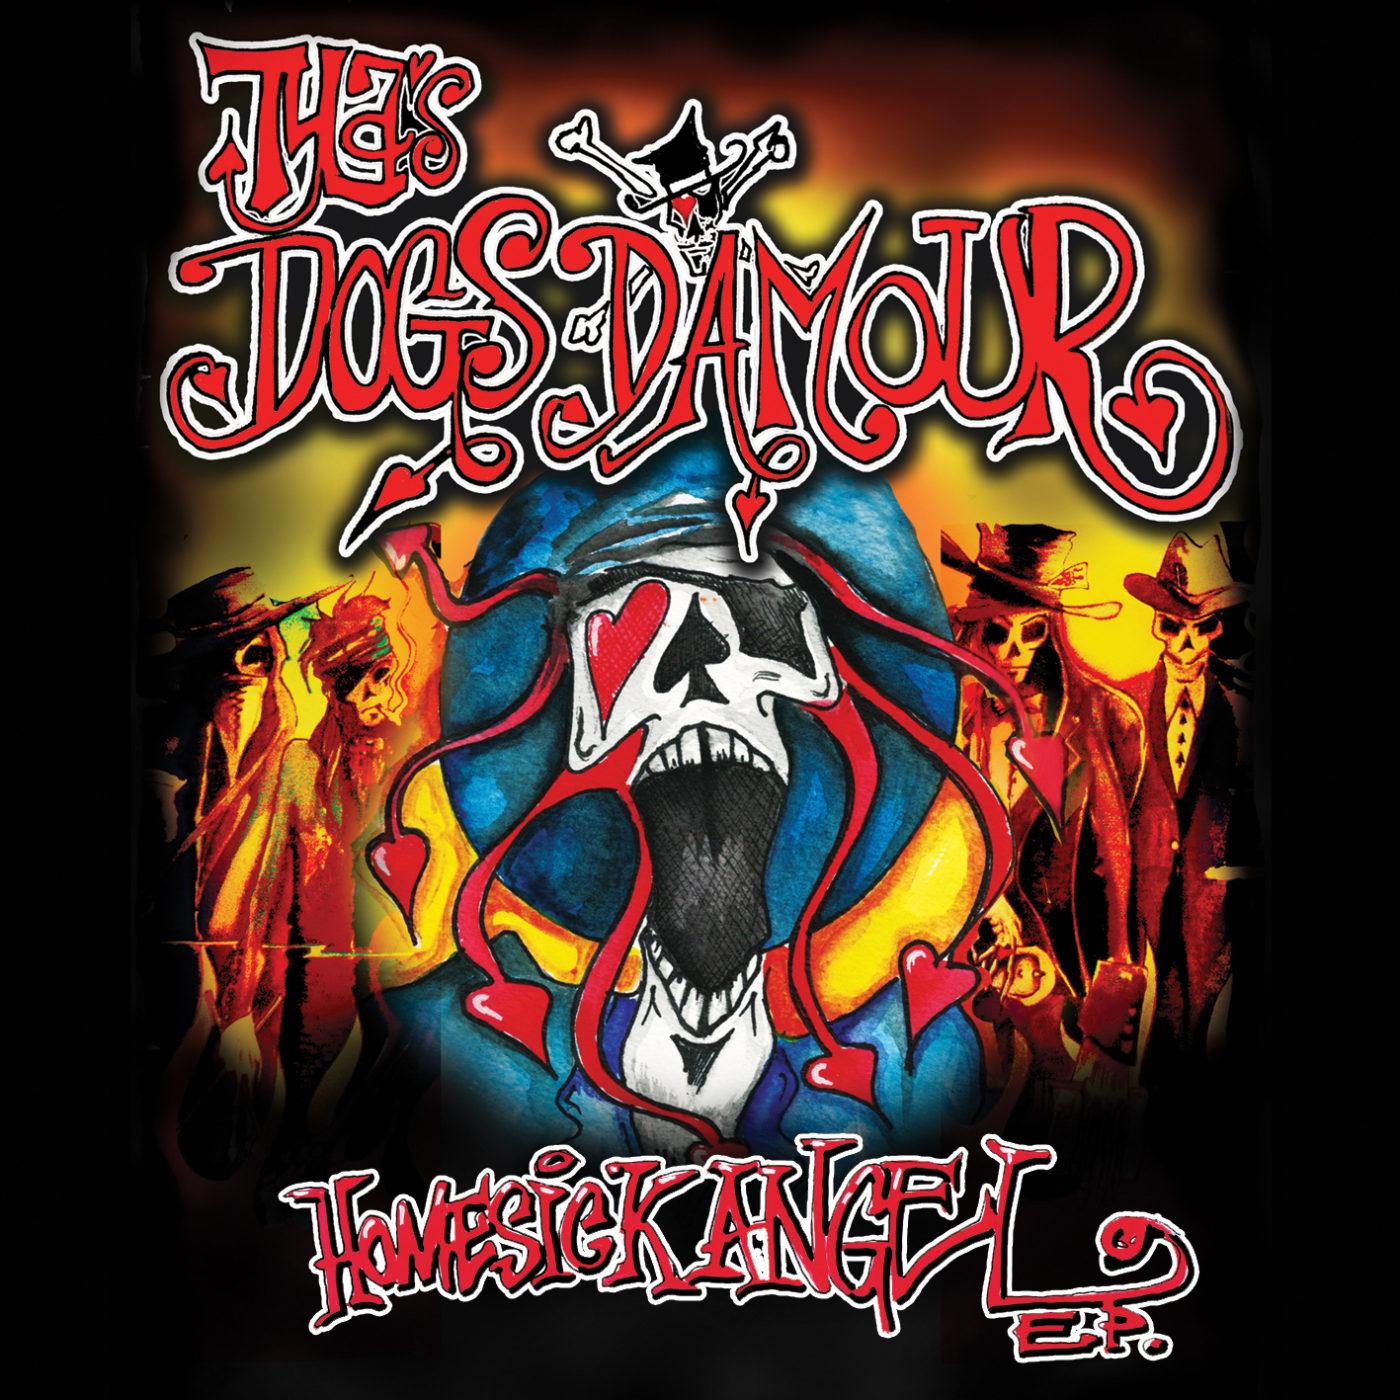 TJP - Connoisseur Of Junk